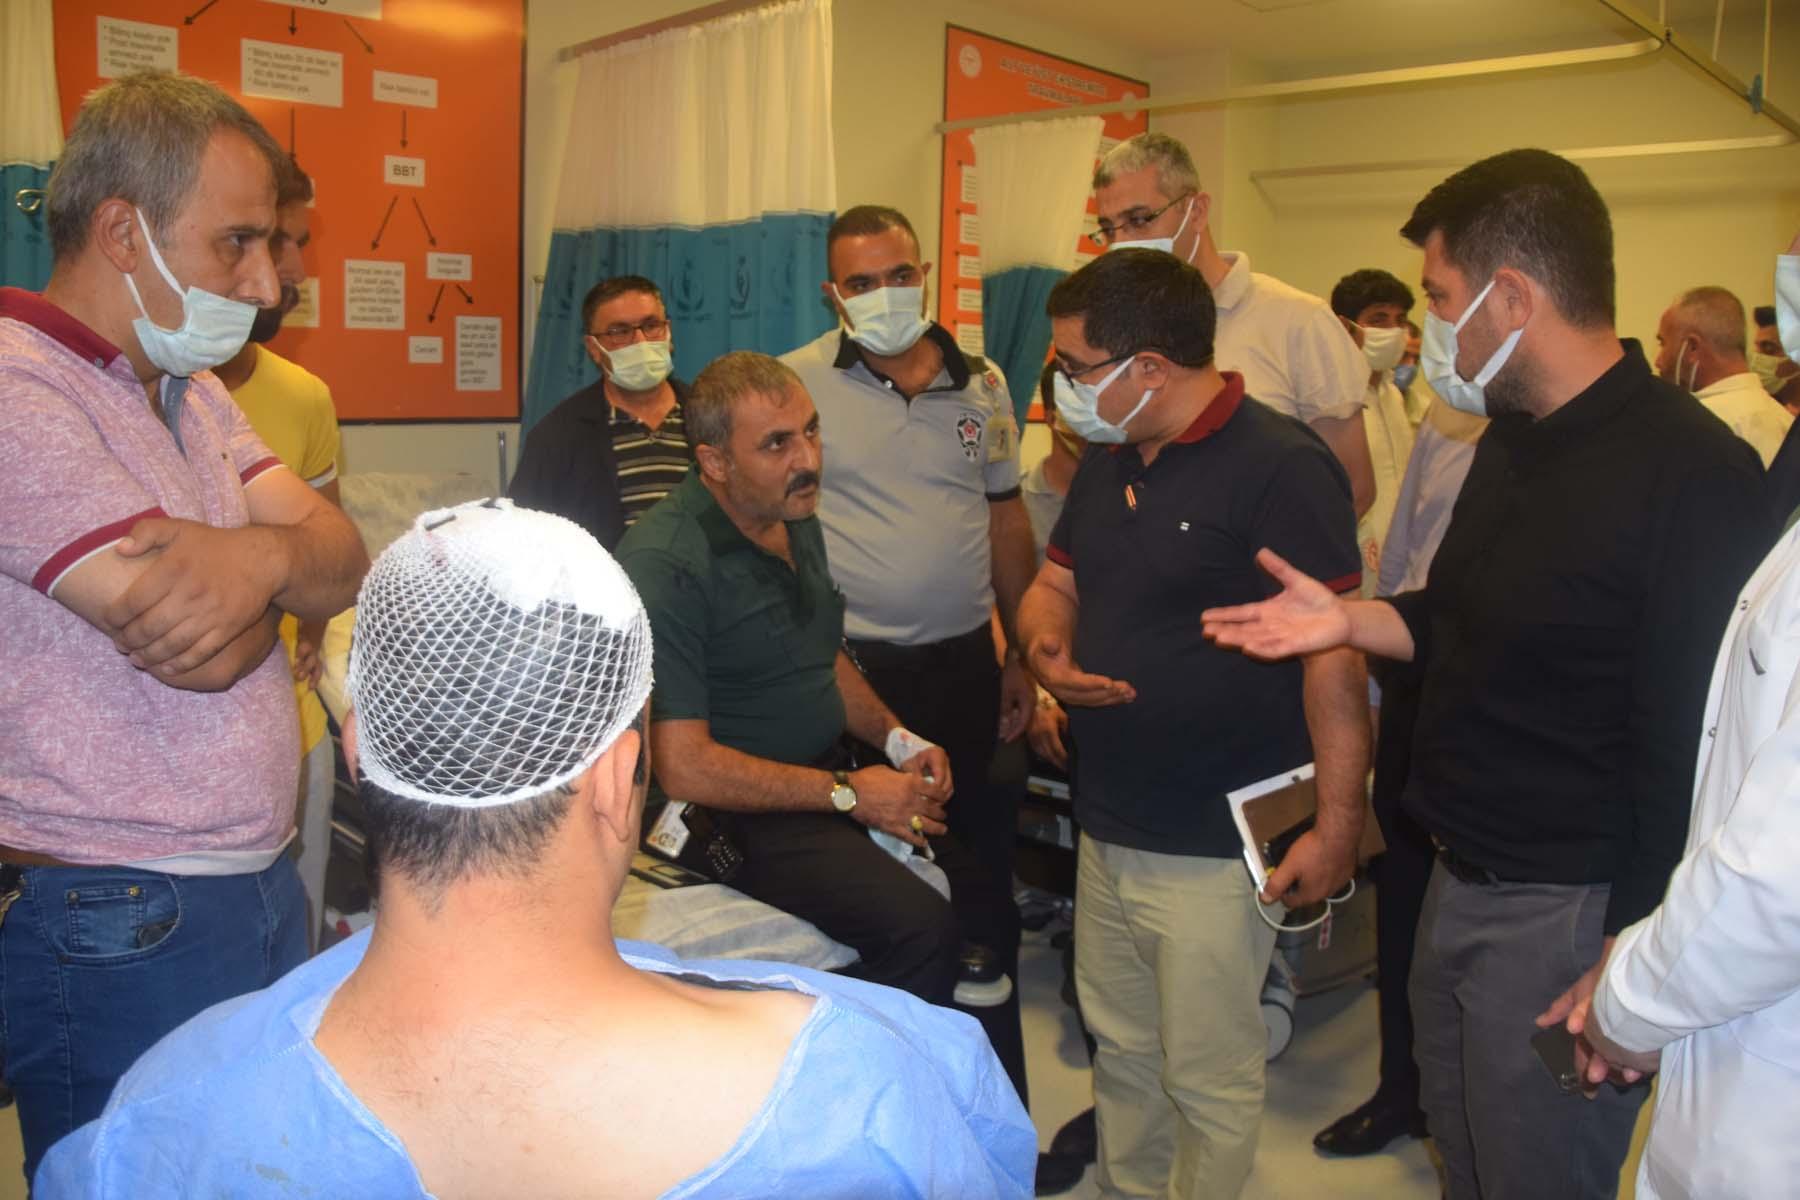 Şanlıurfa maske takmayan hasta yakınları, hastane çalışanlarını darp etti: 9 yaralı